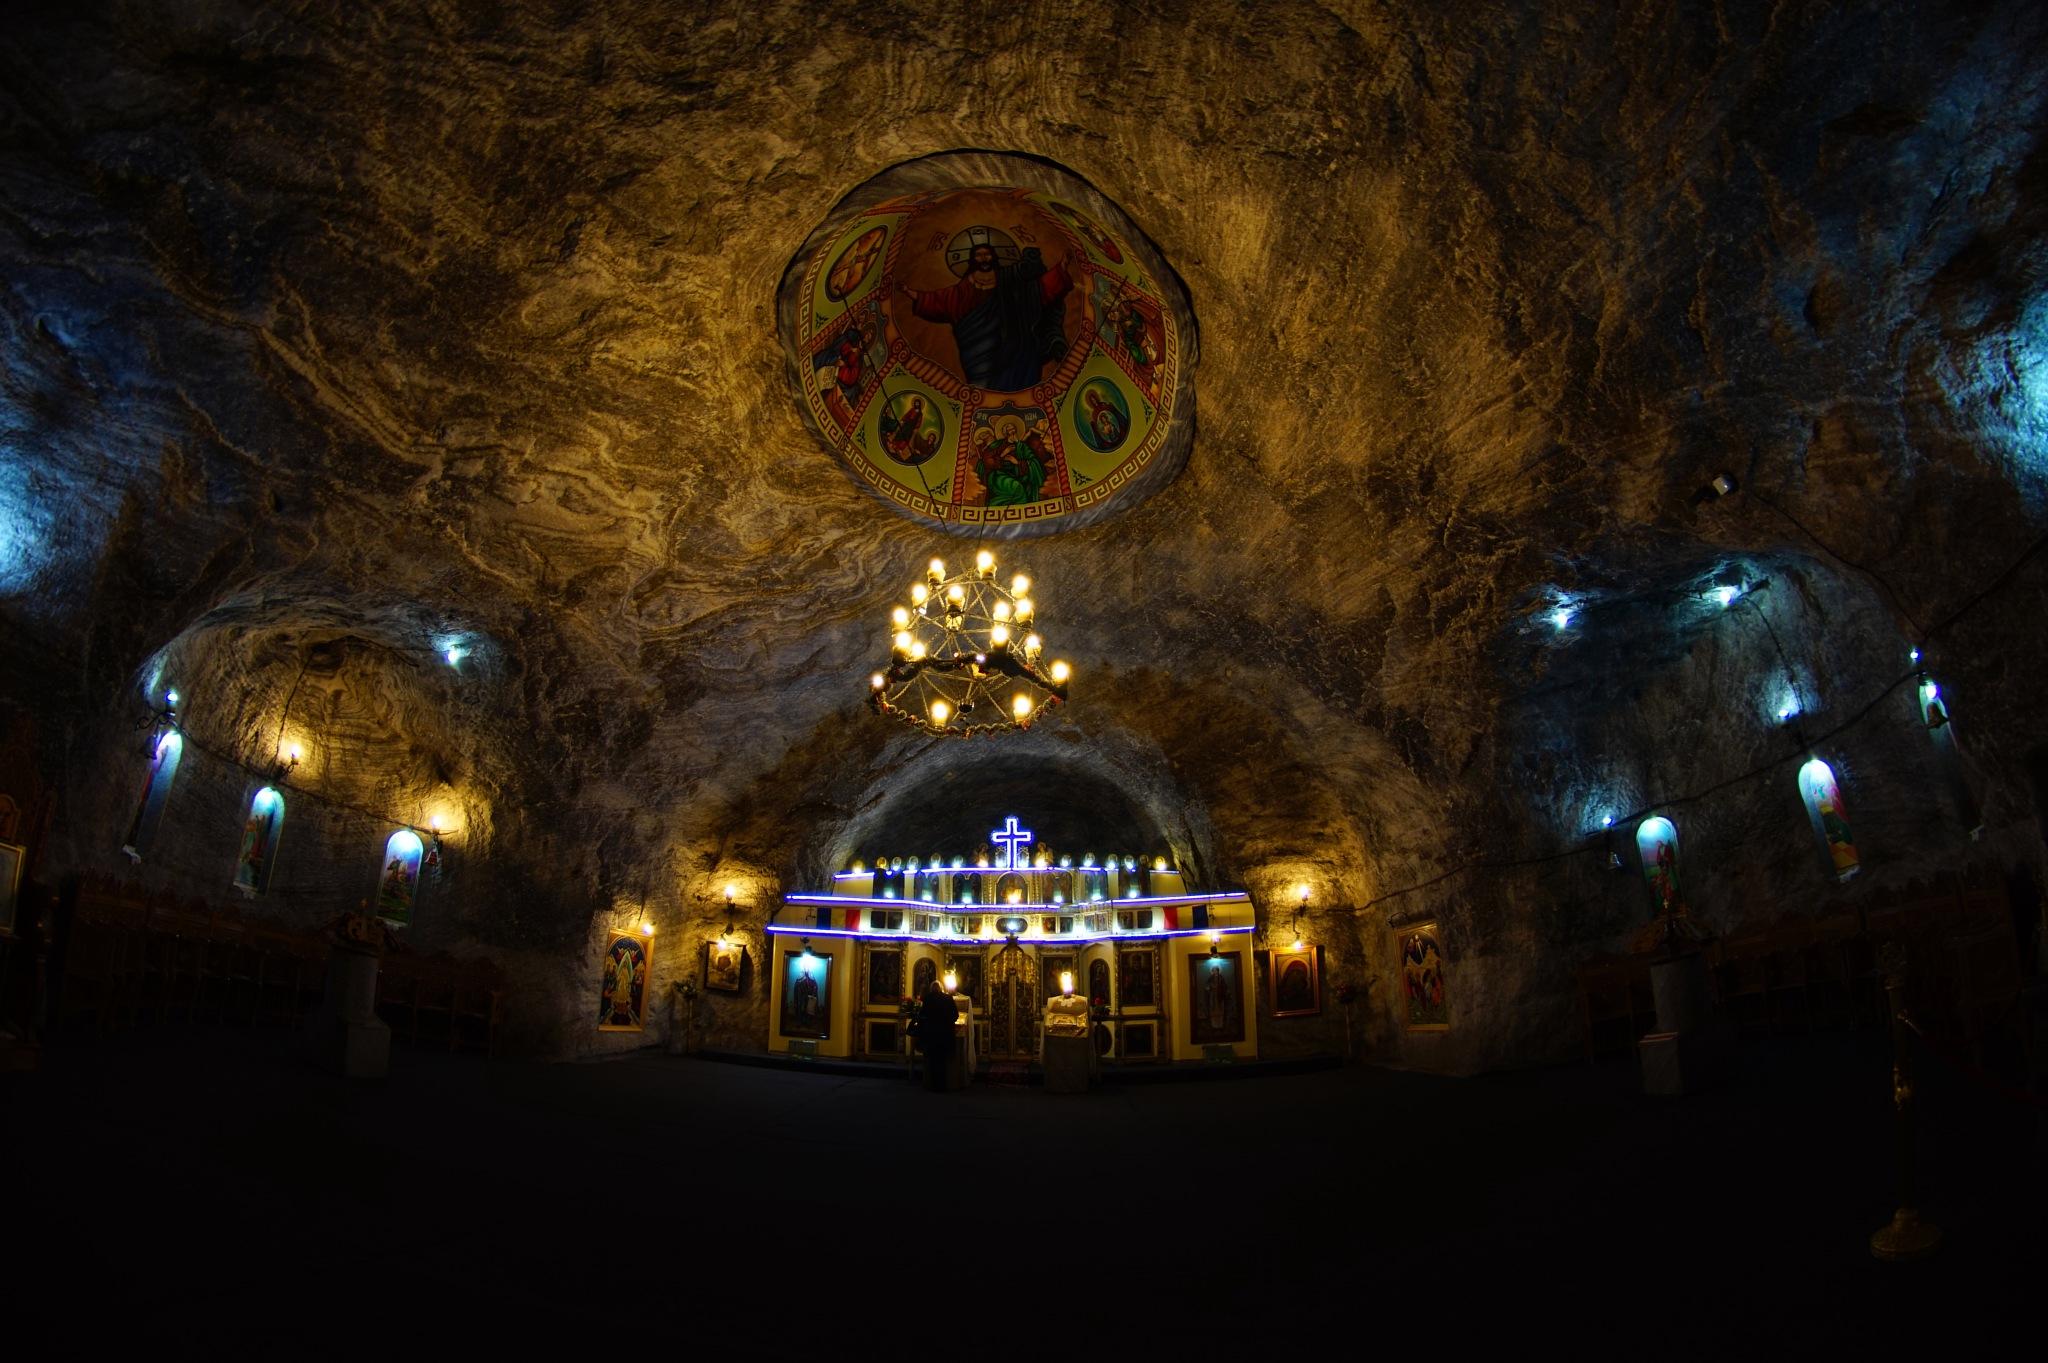 Salt mine church by Sorin Gudumac